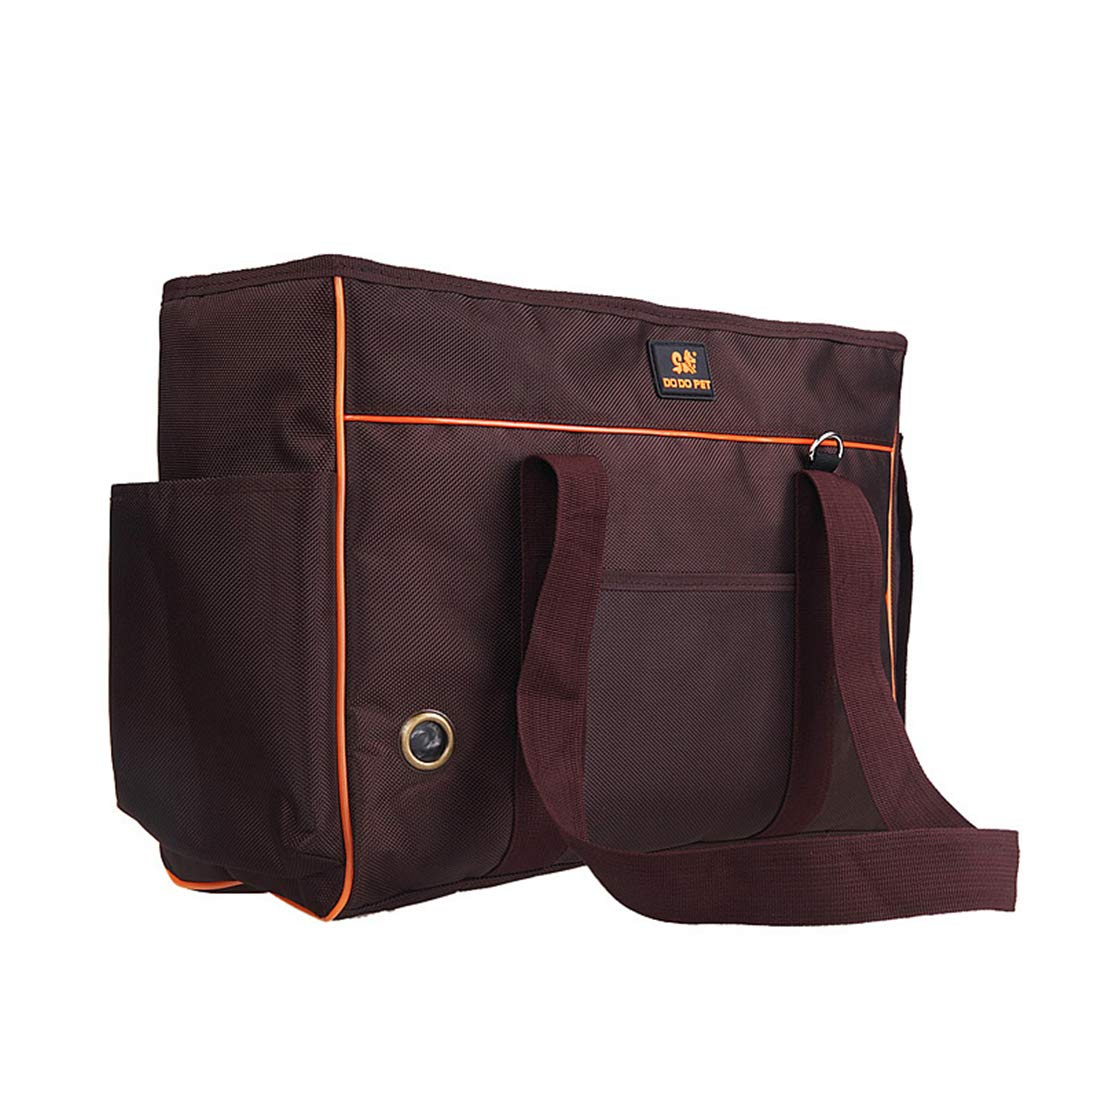 Brown S(upto3.5kg) Brown S(upto3.5kg) Pet Handbag Soft Sided Carrier Carrying Bag Dog Cat Messenger Bag Oxford Cloth